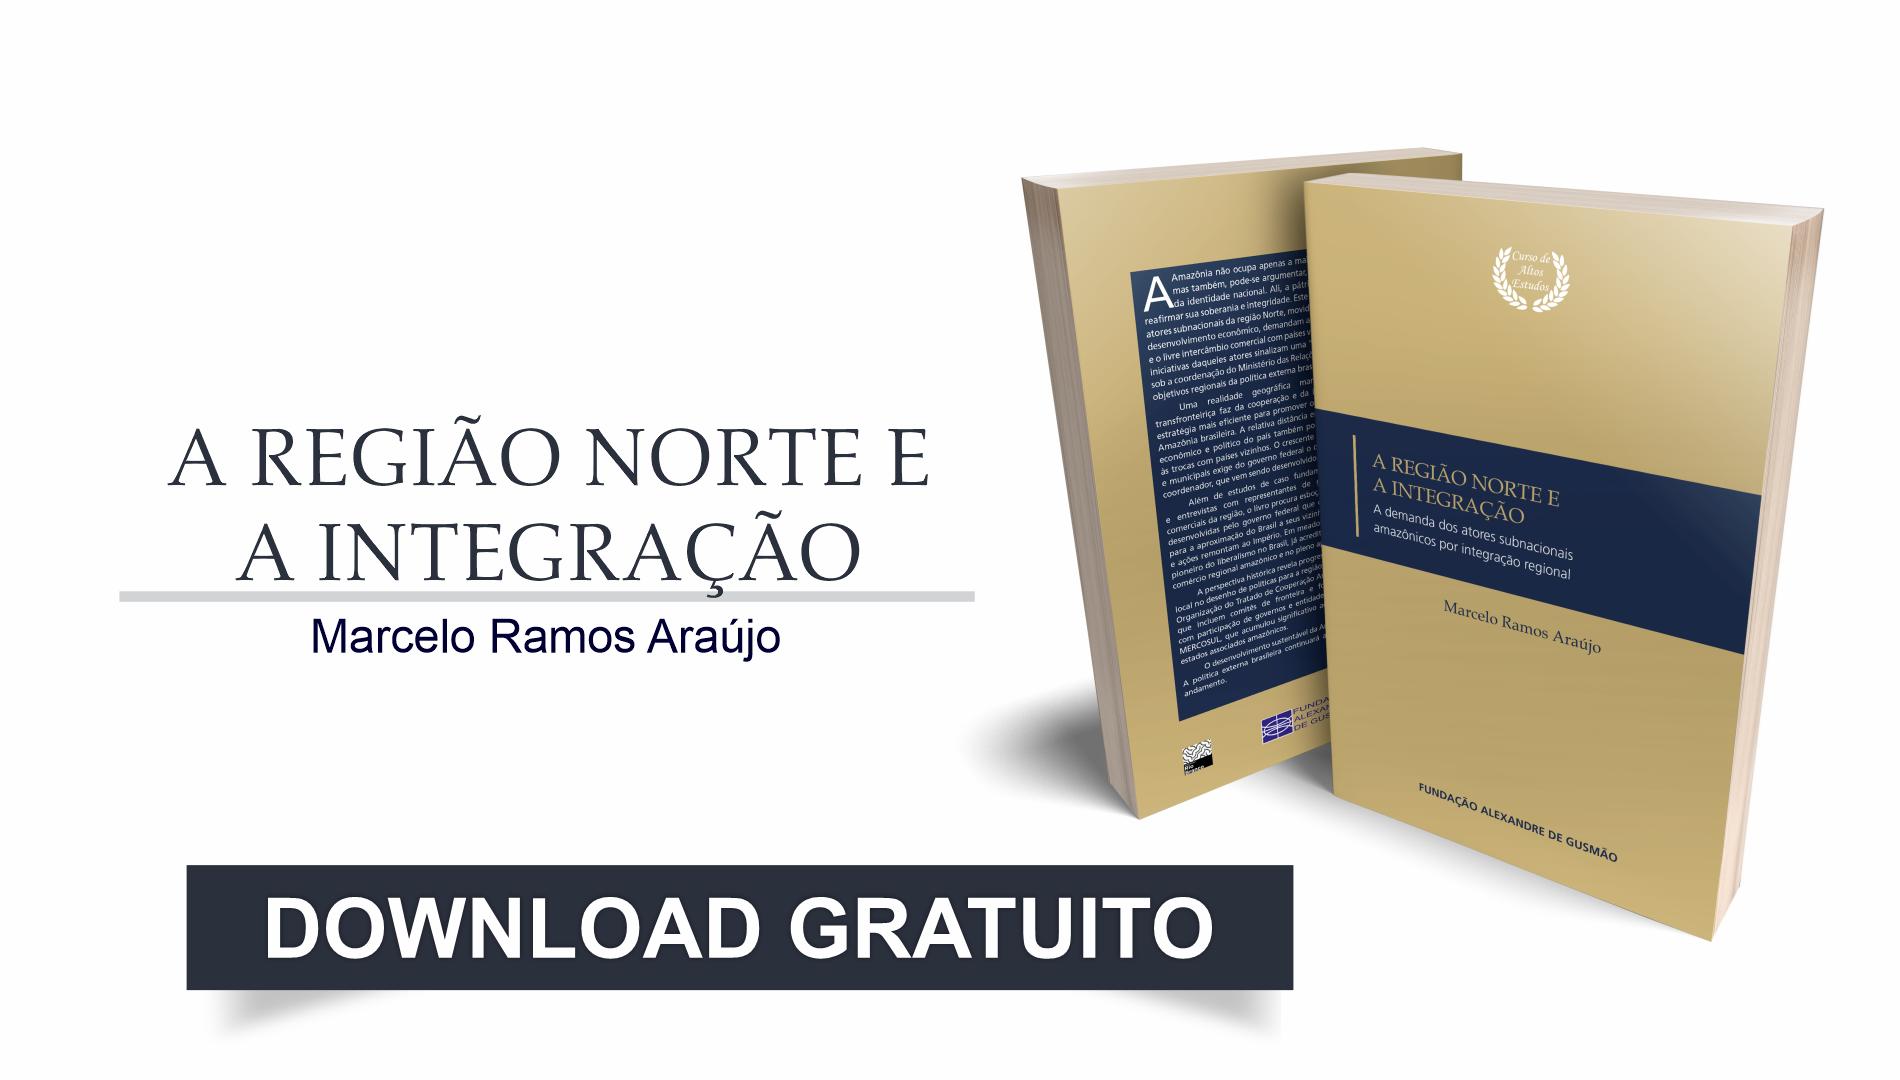 """FUNAG publica o livro """"A Região Norte e a Integração: a demanda dos atores subnacionais amazônicos por integração regional"""""""